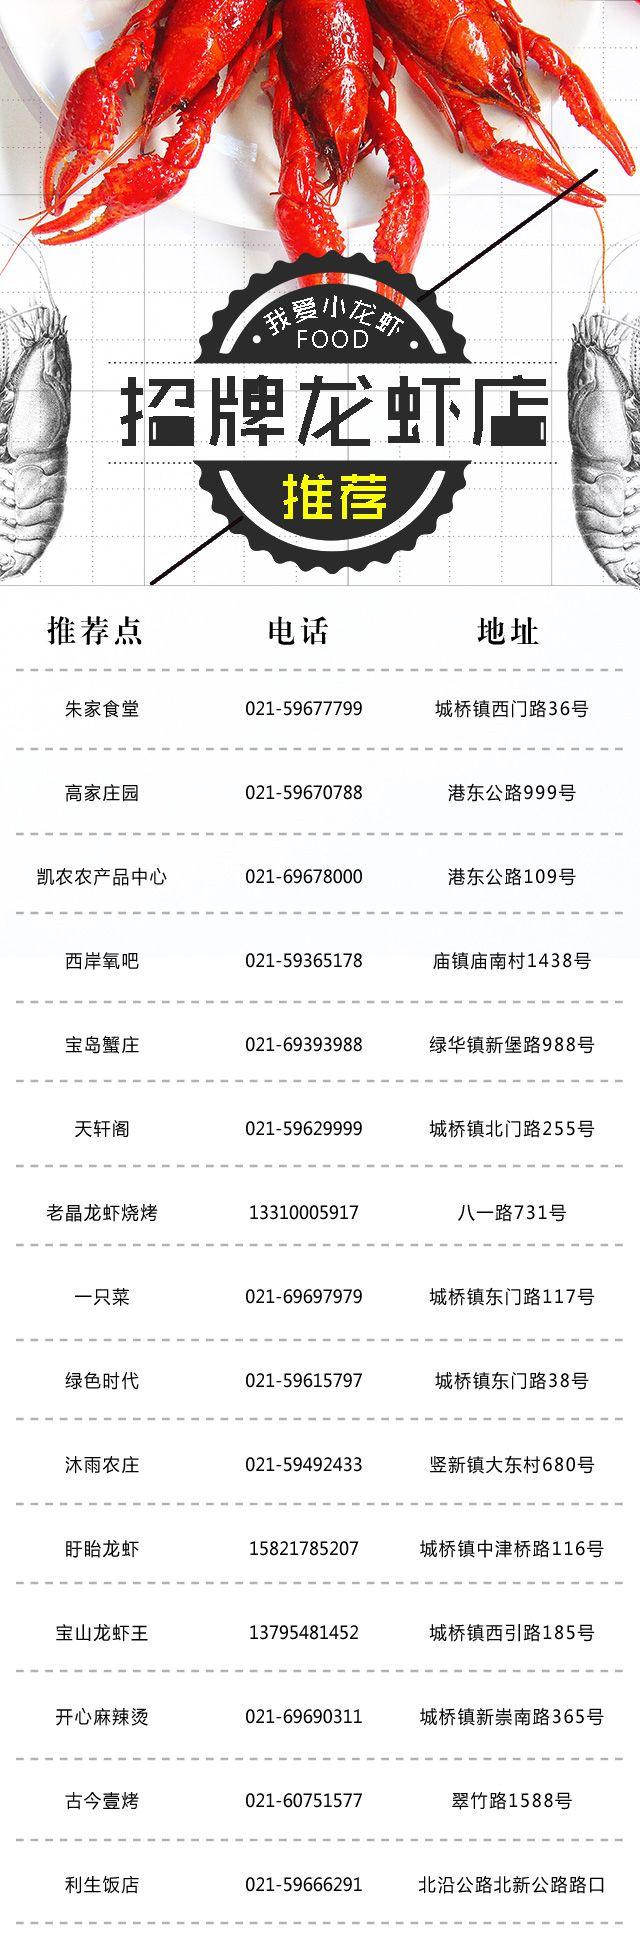 上海崇明吃小龙虾的地方 崇明小龙虾地图 (图)